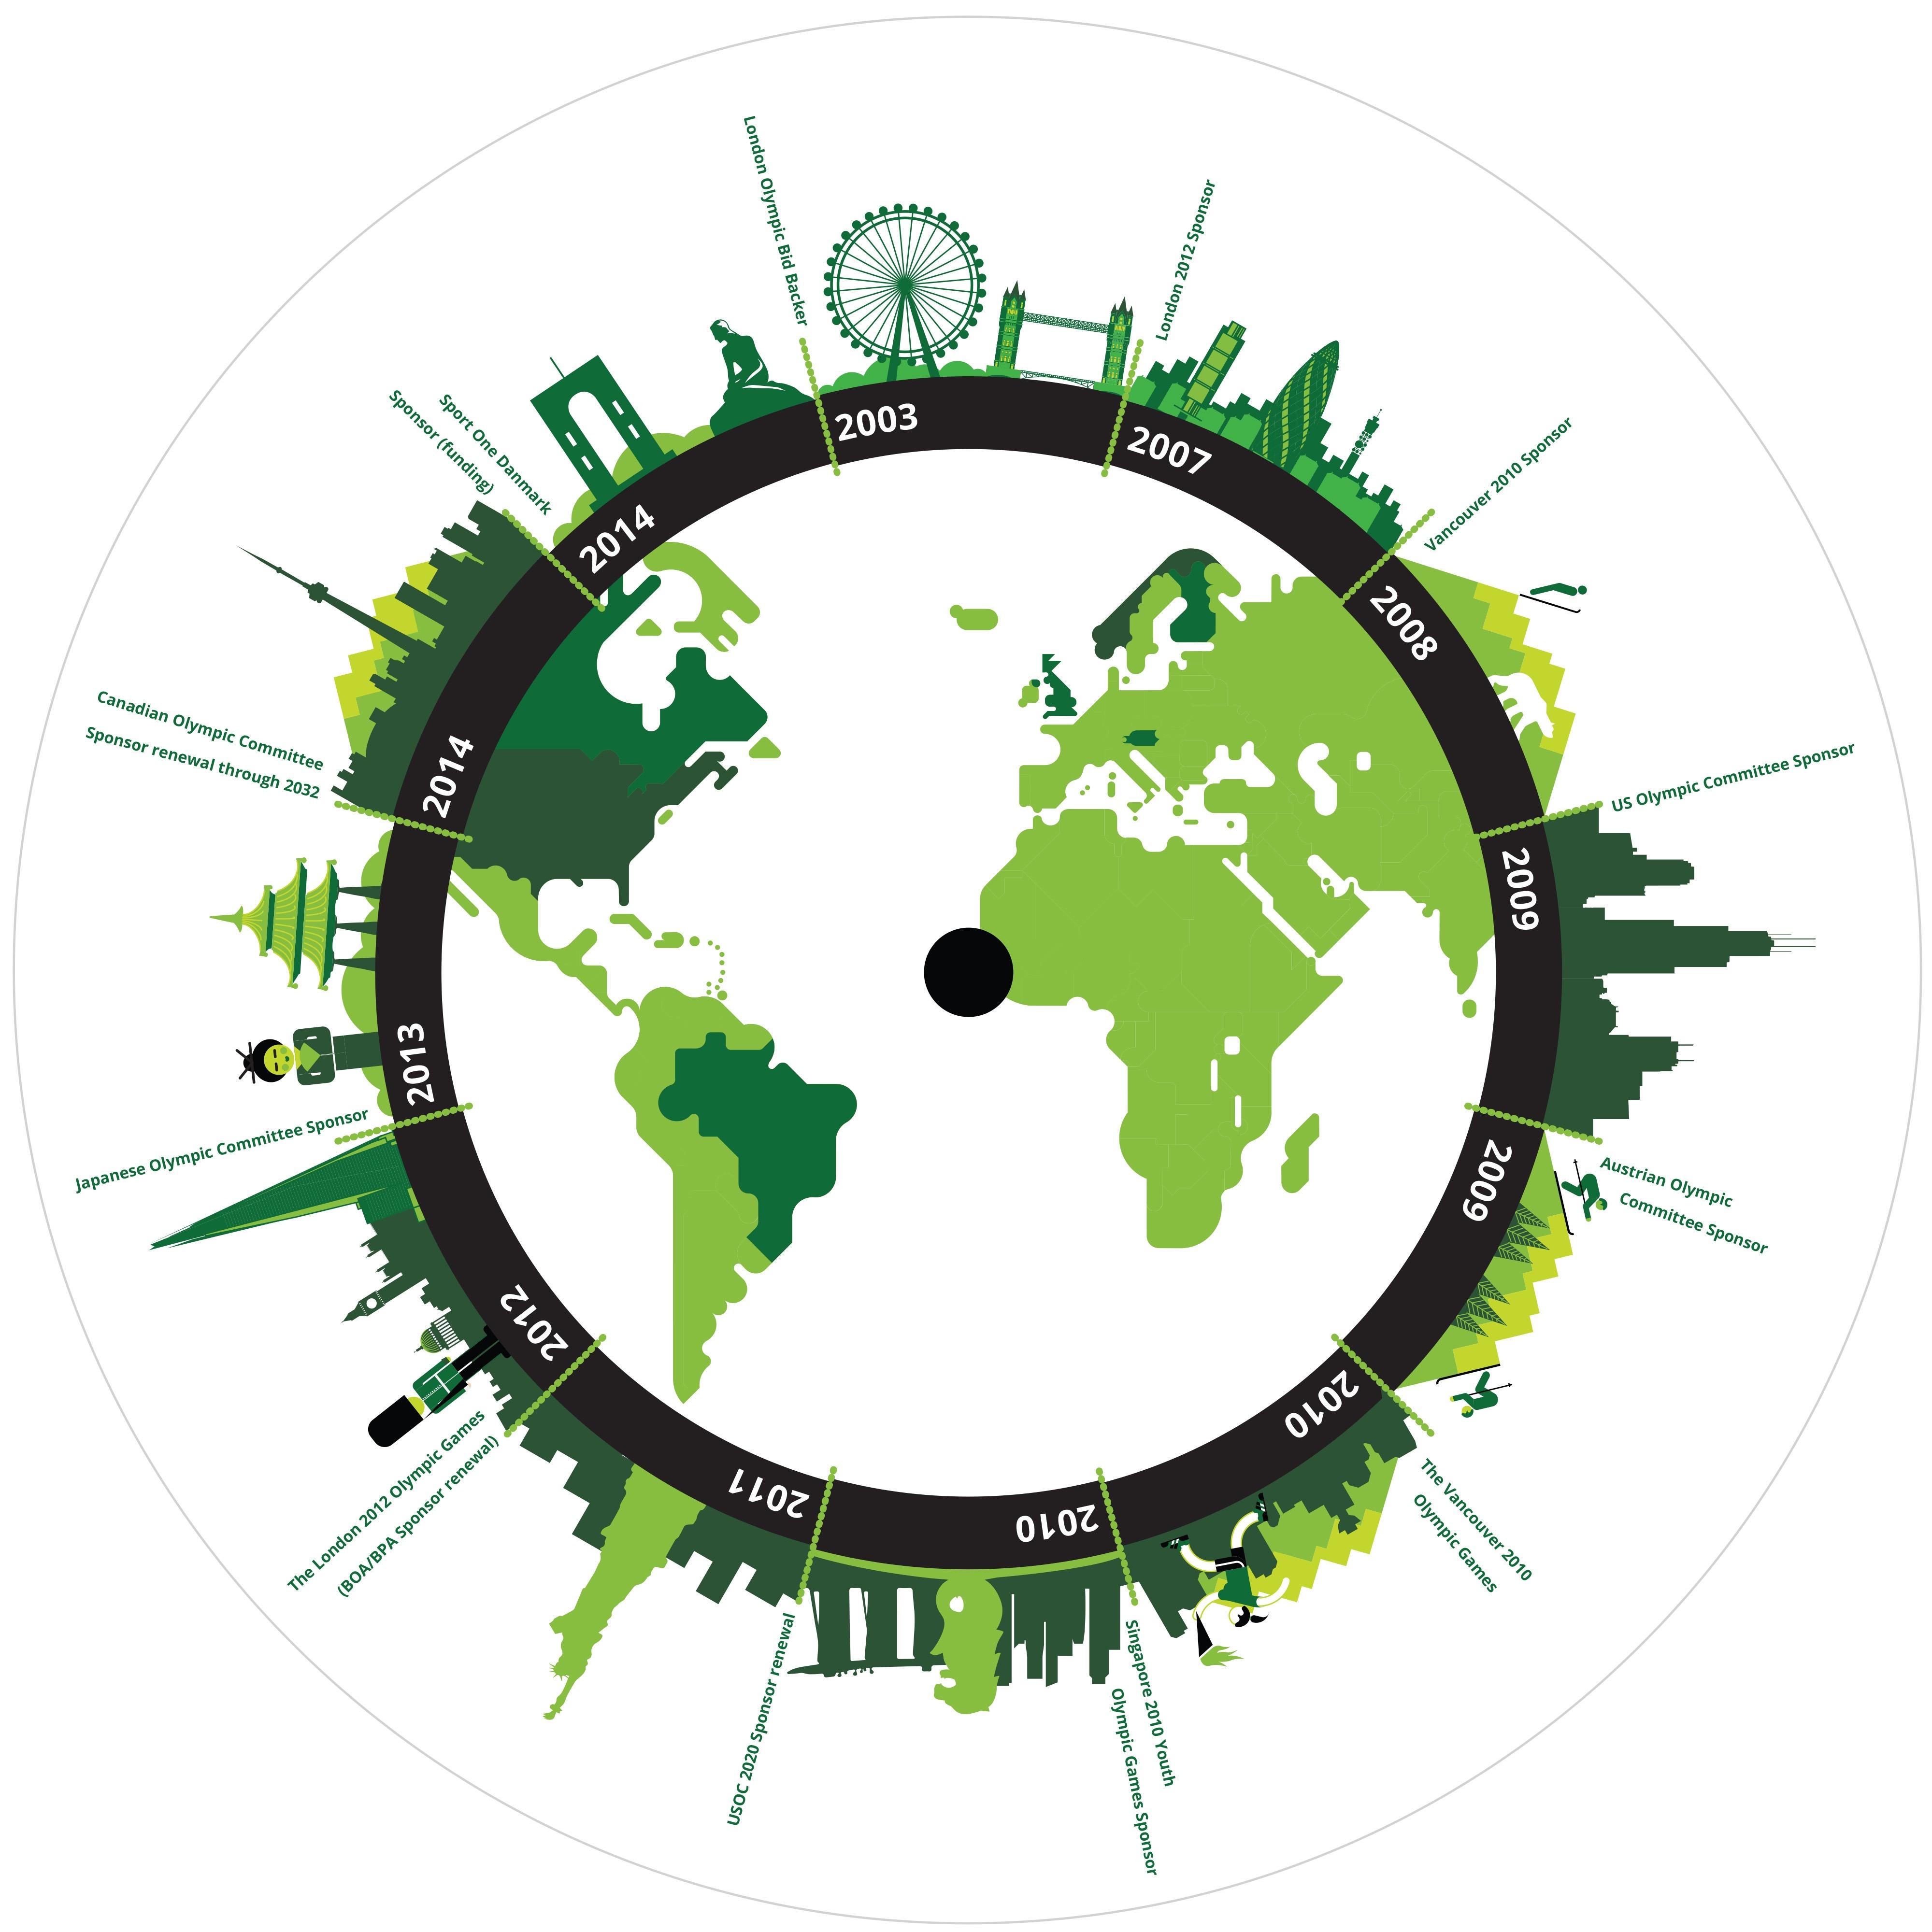 Deloitte: Road to Rio campaign